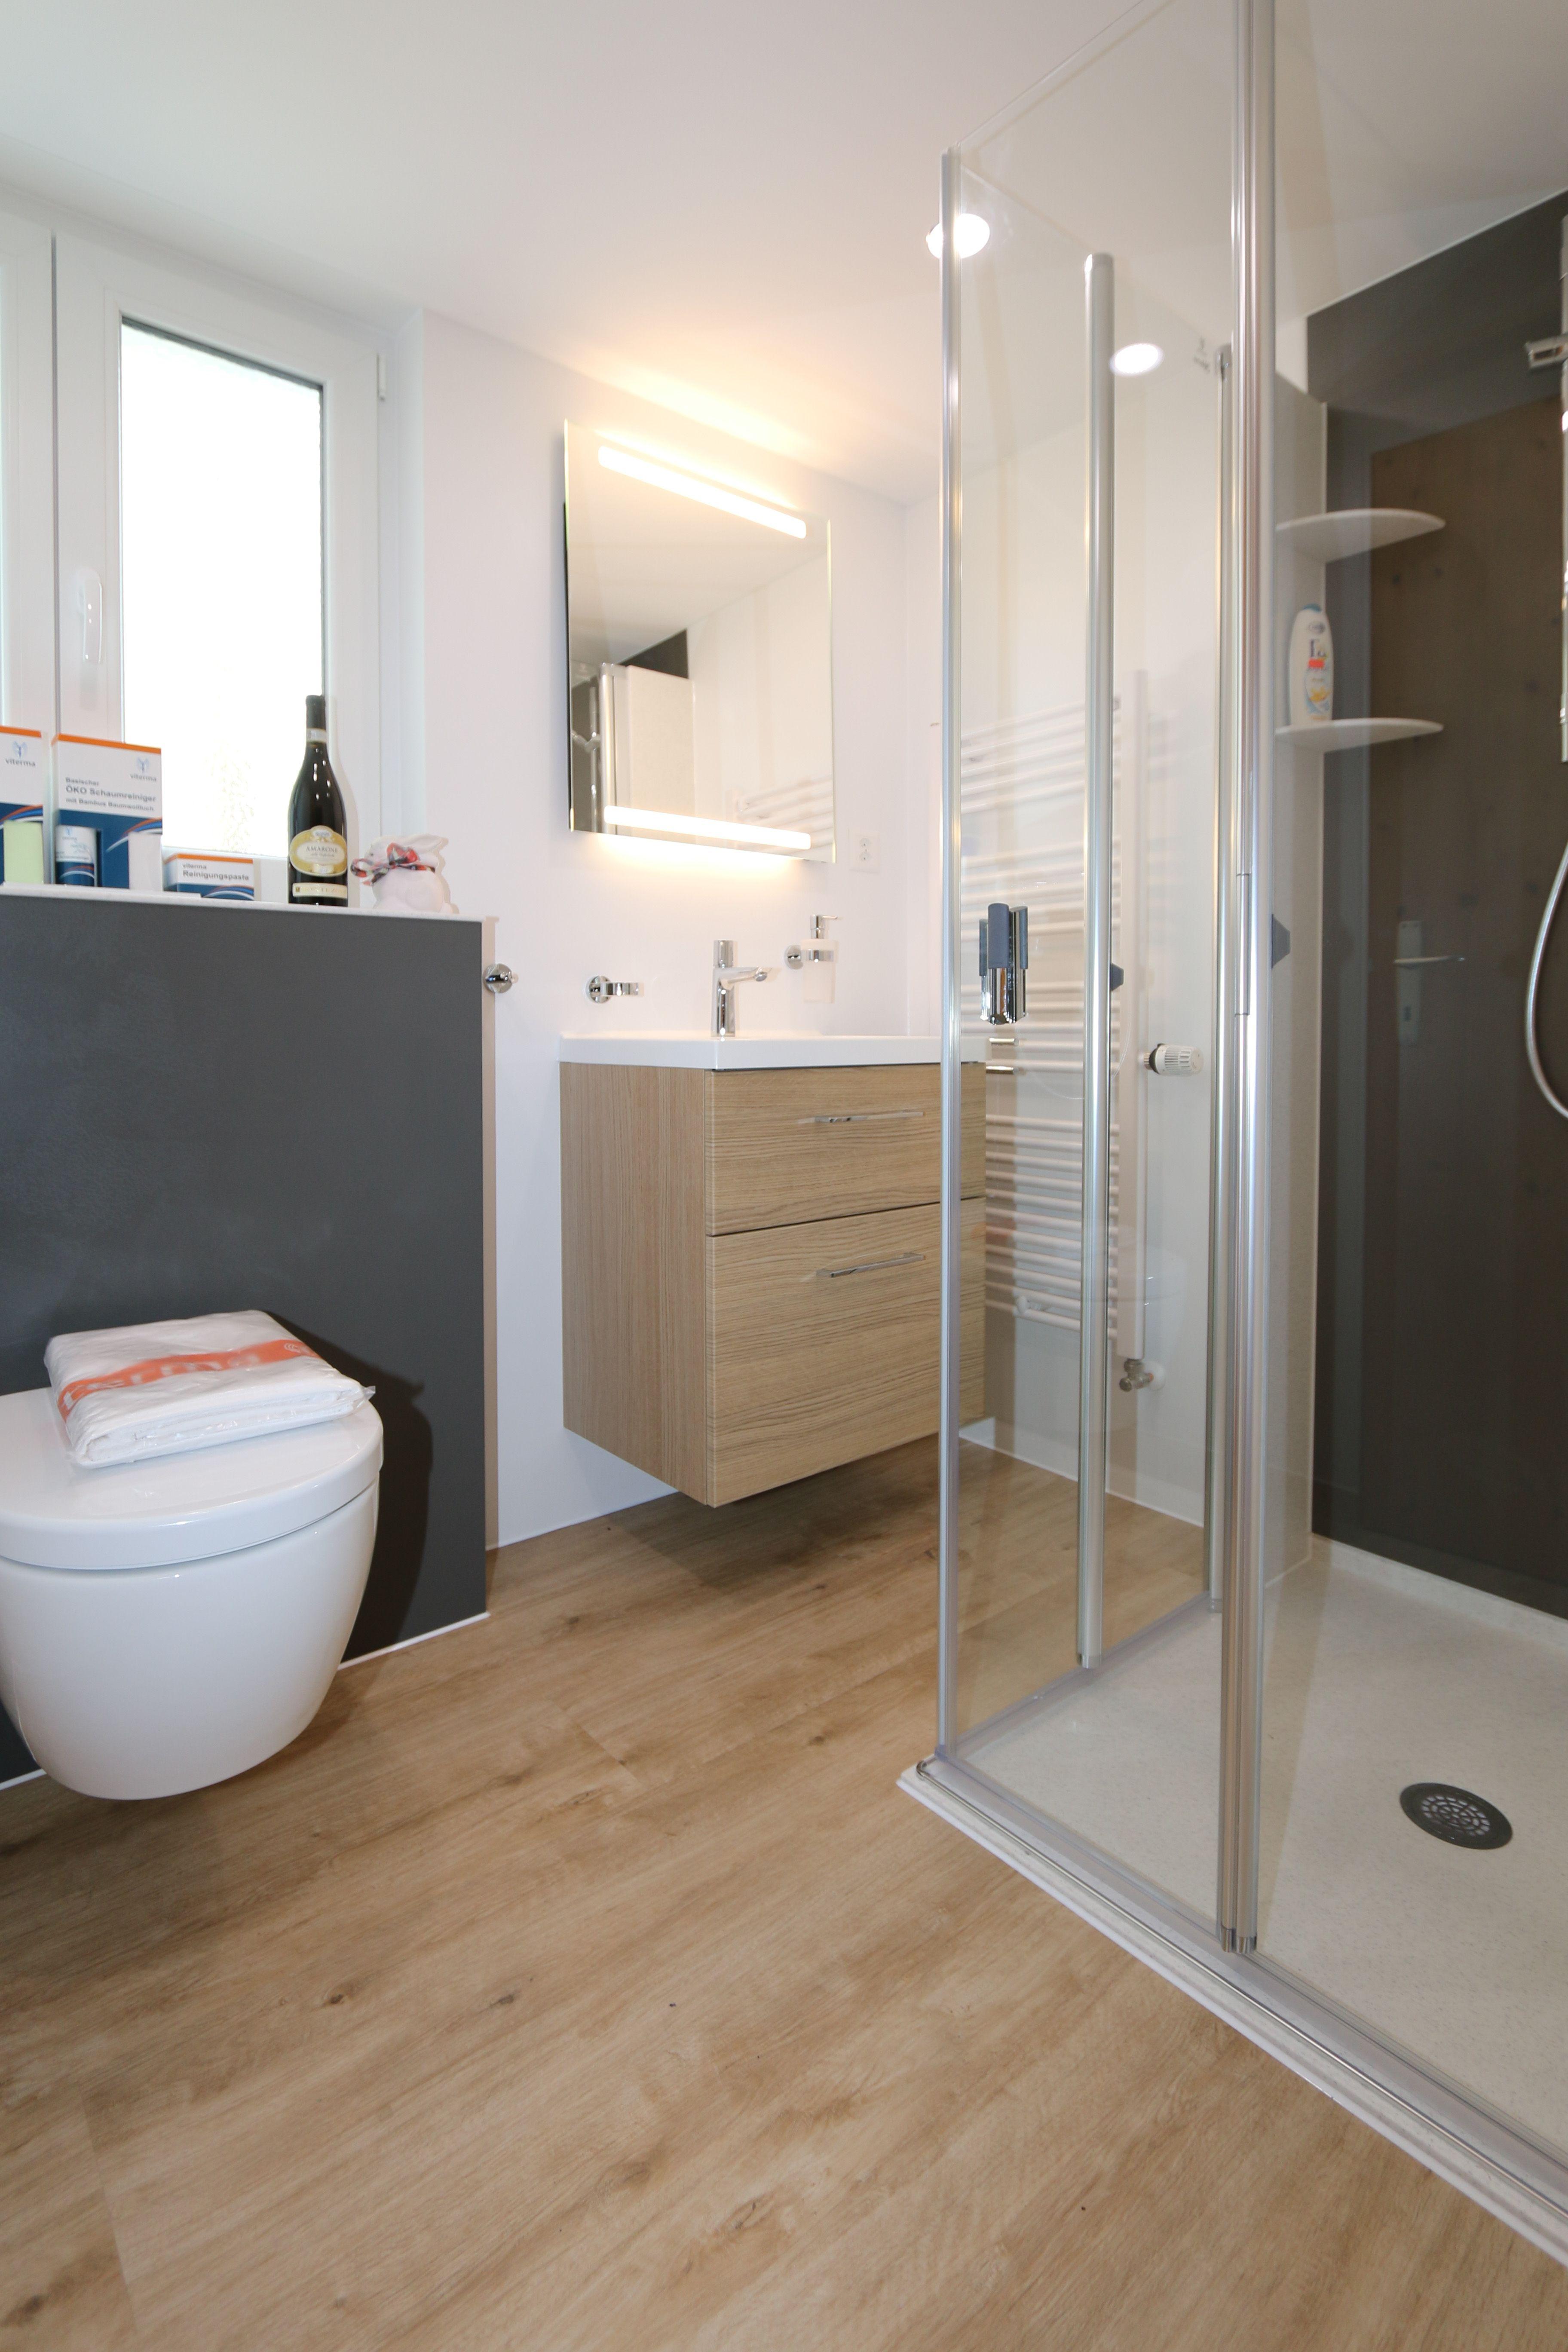 Traumbad Mit Bodengleicher Dusche Von Viterma Badsanierung Sanierung Neues Badezimmer